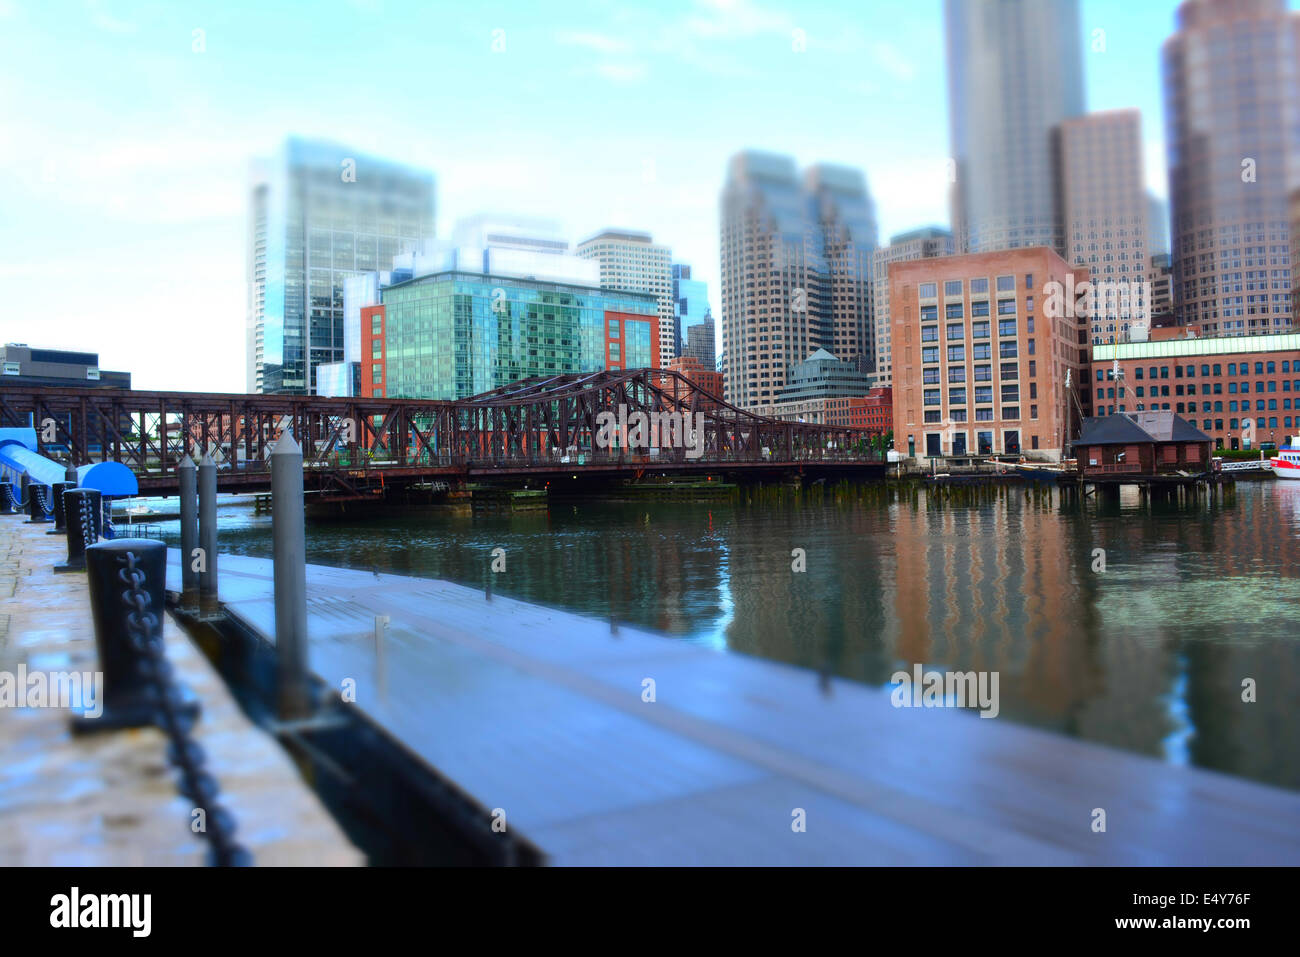 Northern Avenue Bridge crossing Boston Harbor verso il centro cittadino (tilt shift stile). Immagini Stock